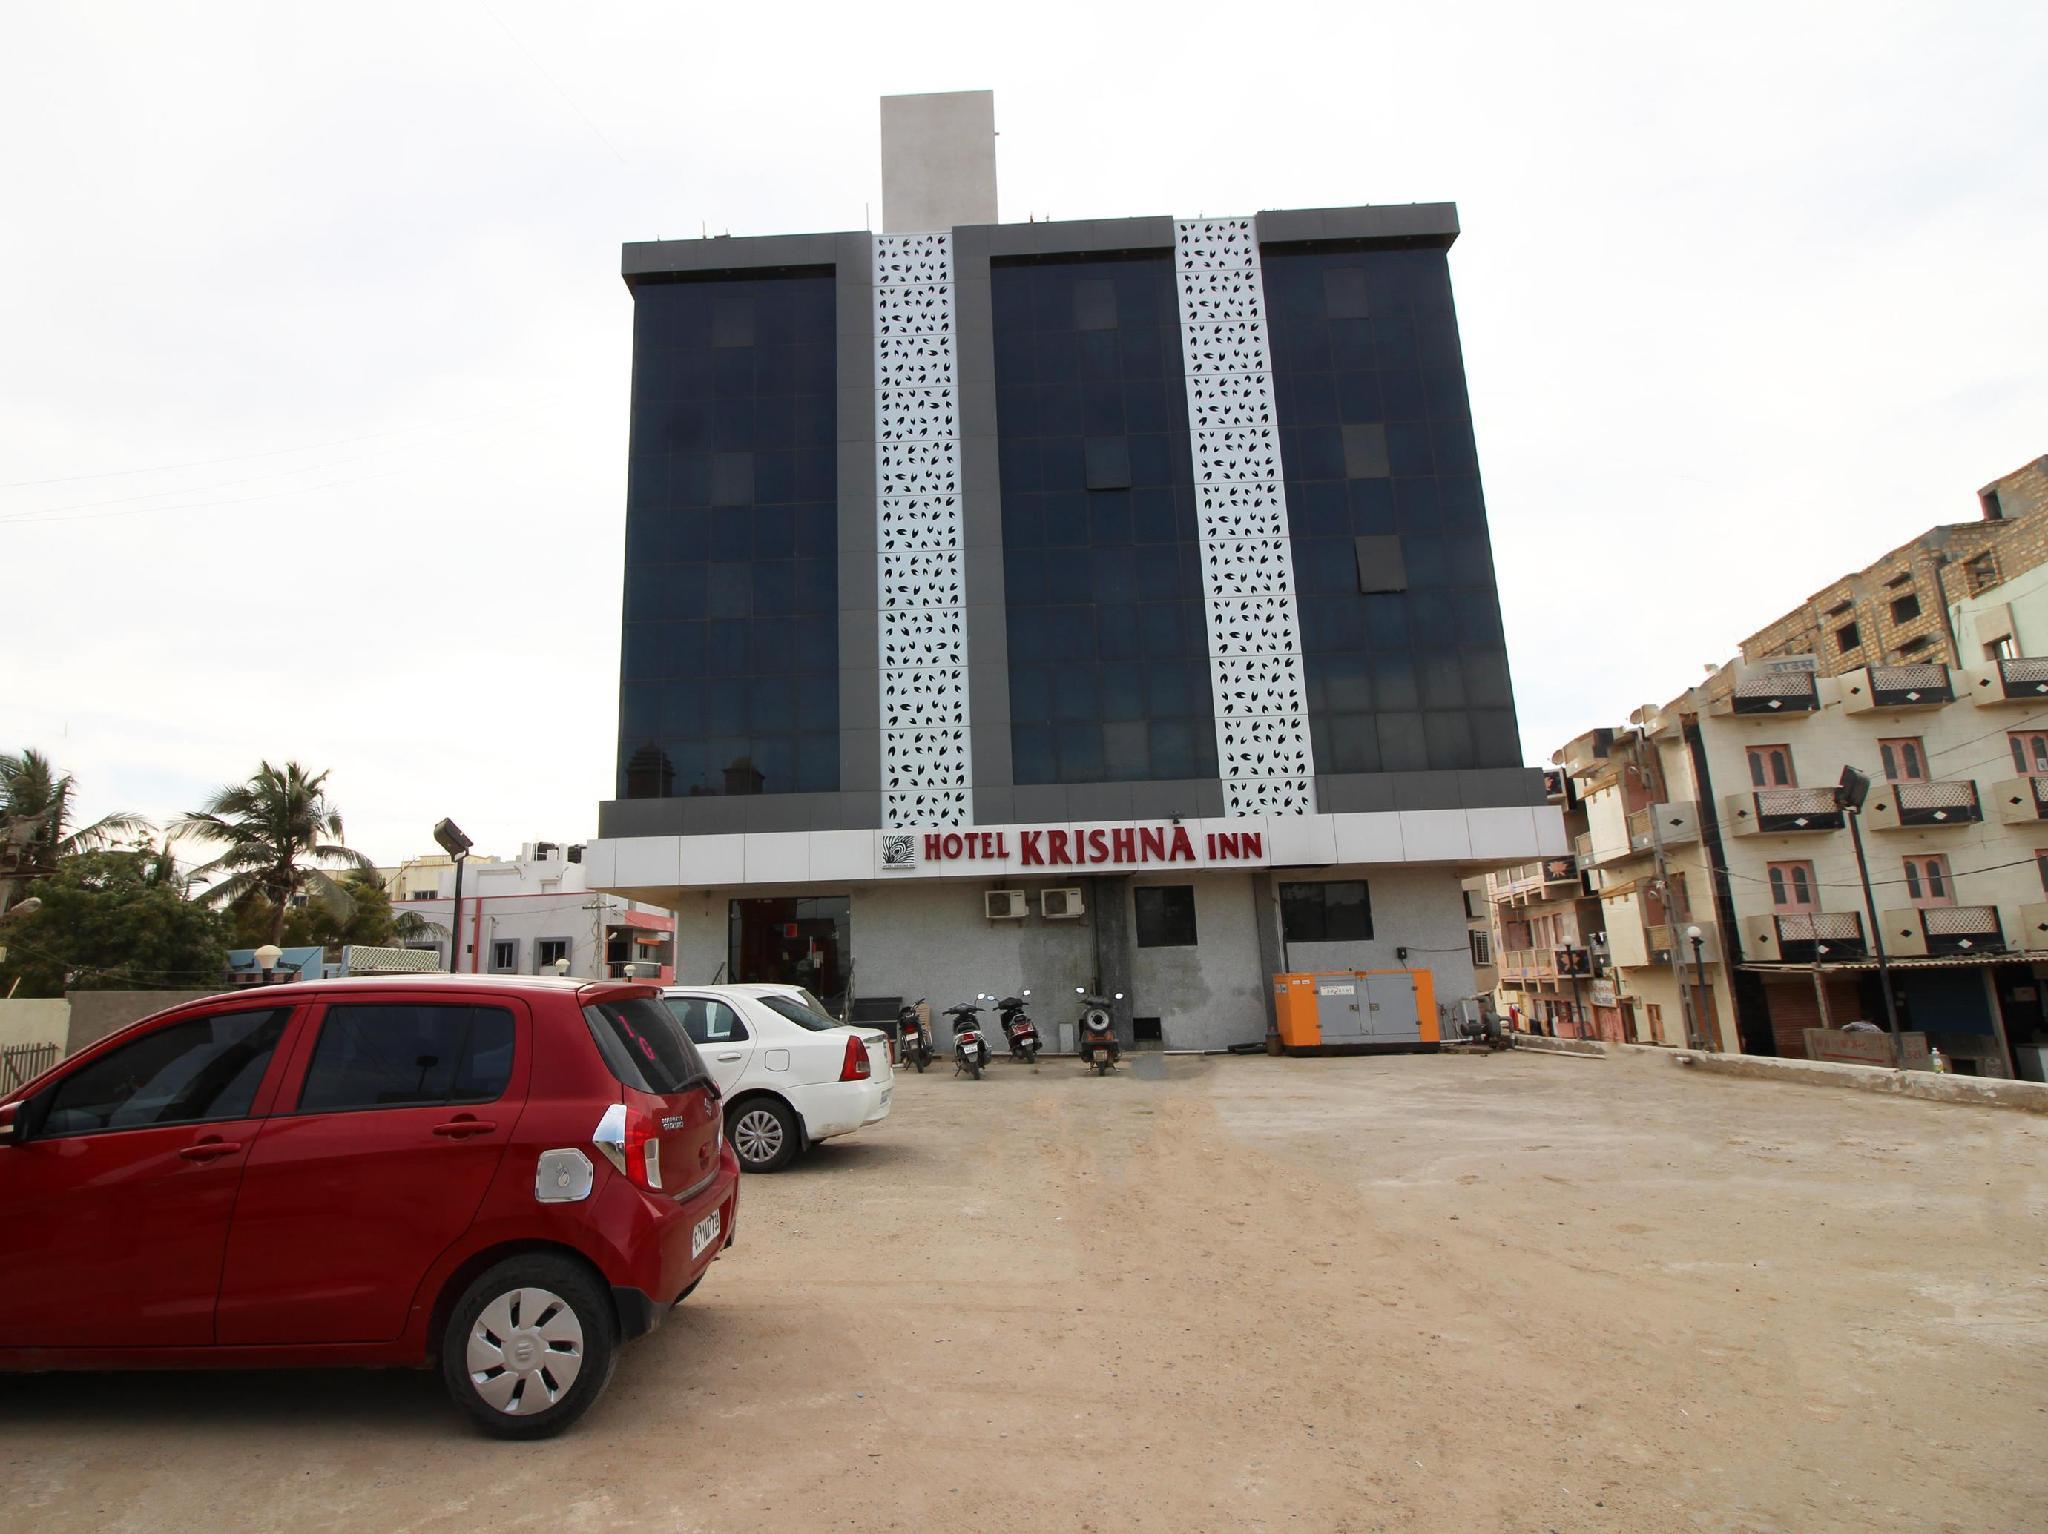 Hotel Krishna Inn, Devbhumi Dwarka